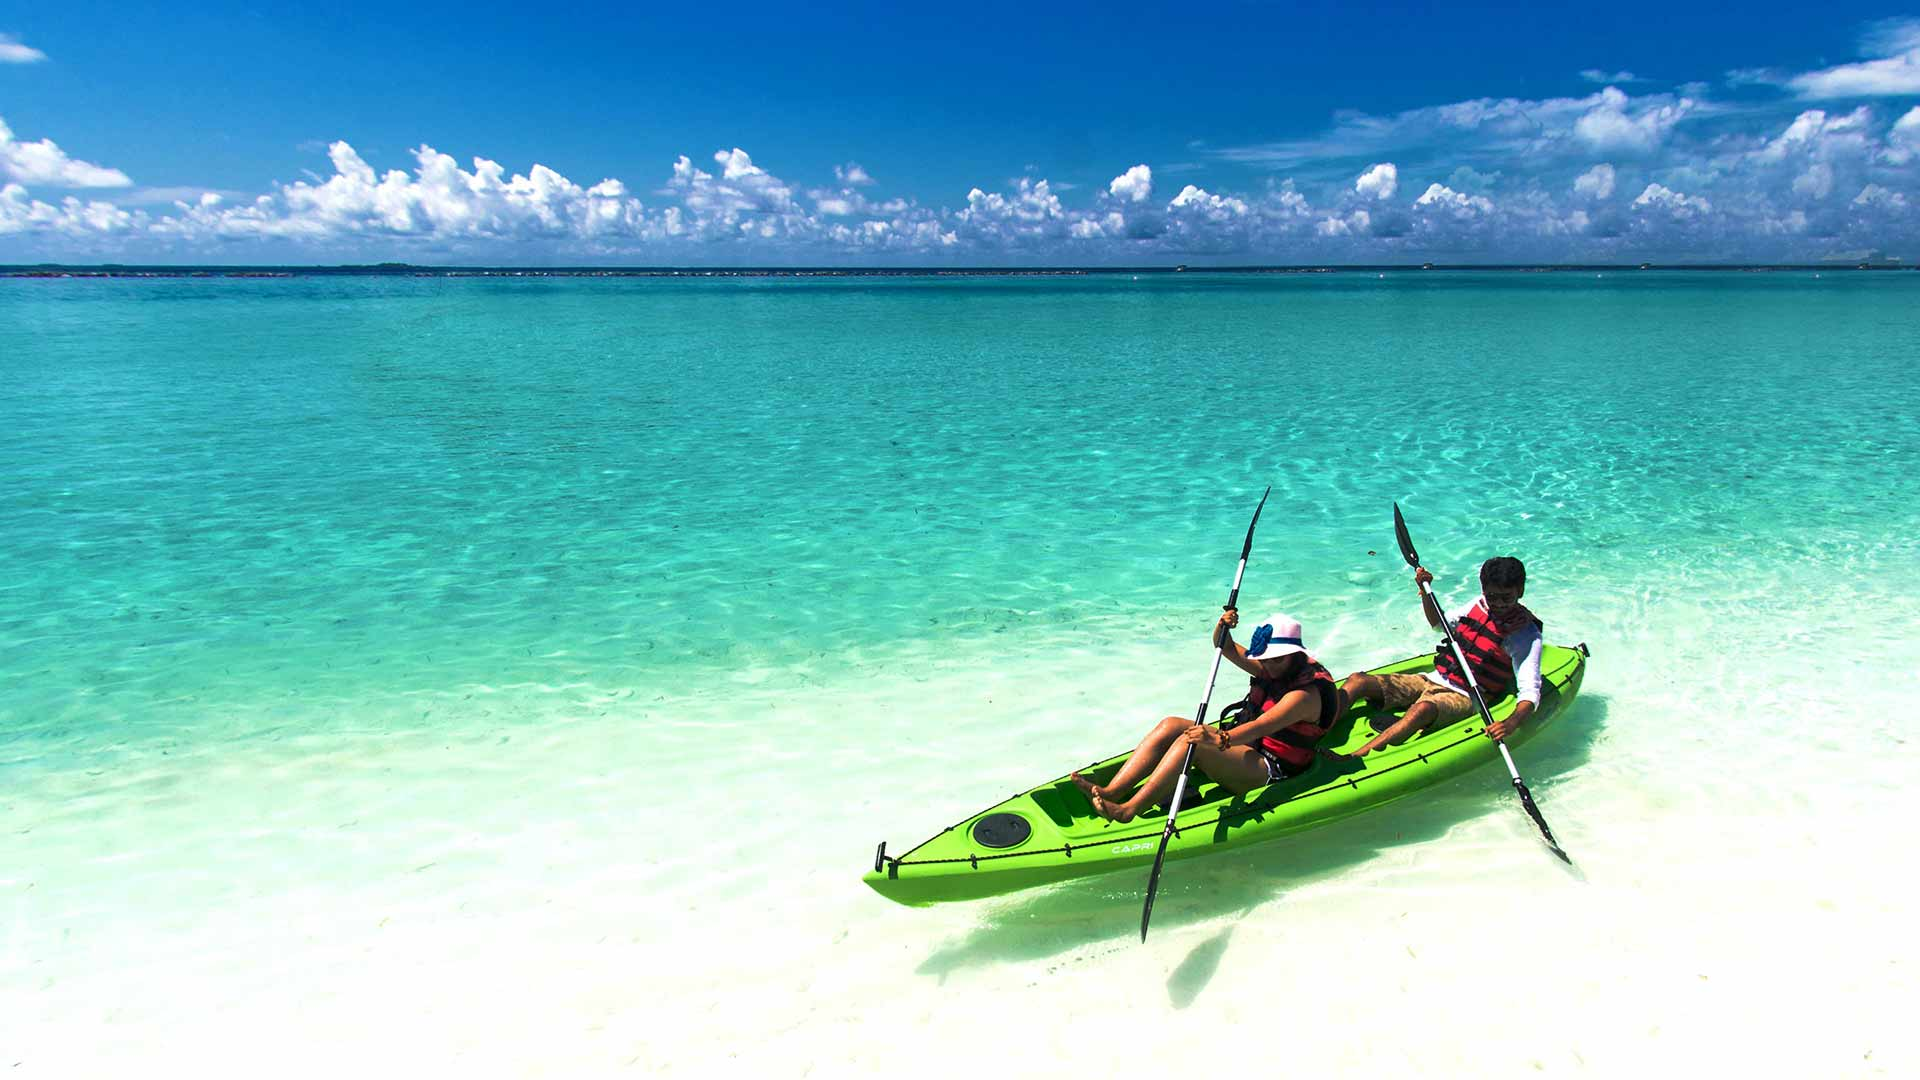 tandem_kayaking